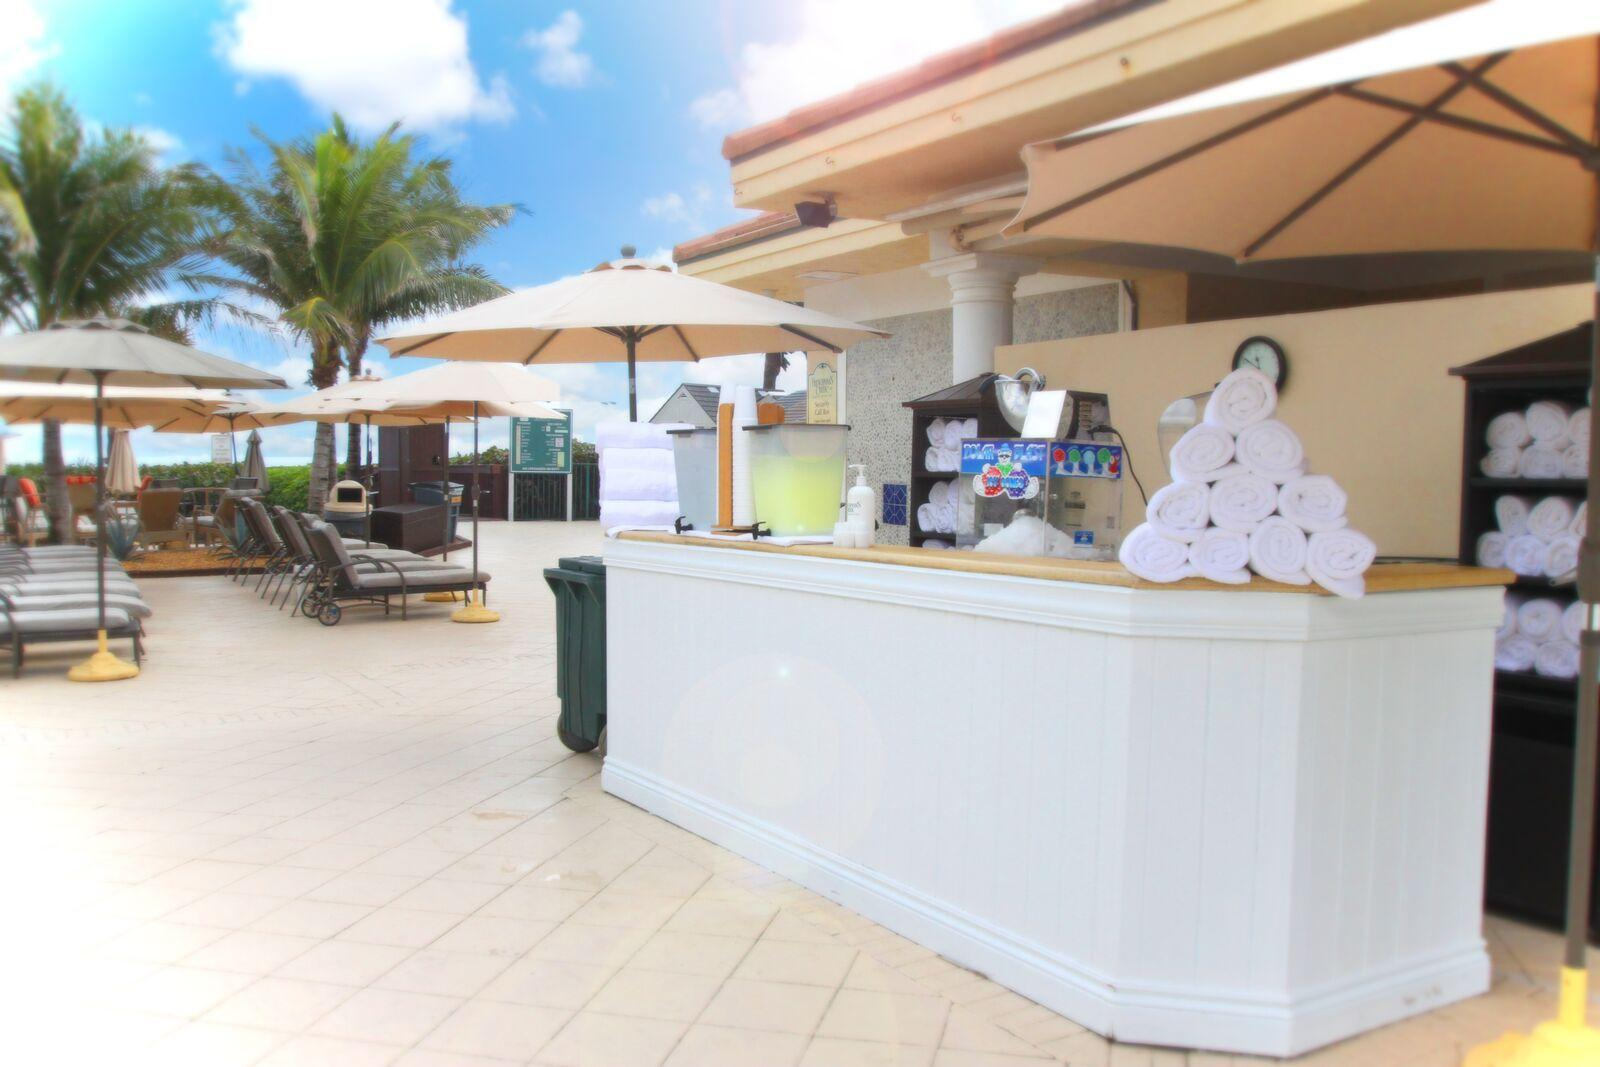 2075 La Porte Drive, Palm Beach Gardens, Florida 33408, 4 Bedrooms Bedrooms, ,5.1 BathroomsBathrooms,A,Single family,La Porte Drive,RX-10469958